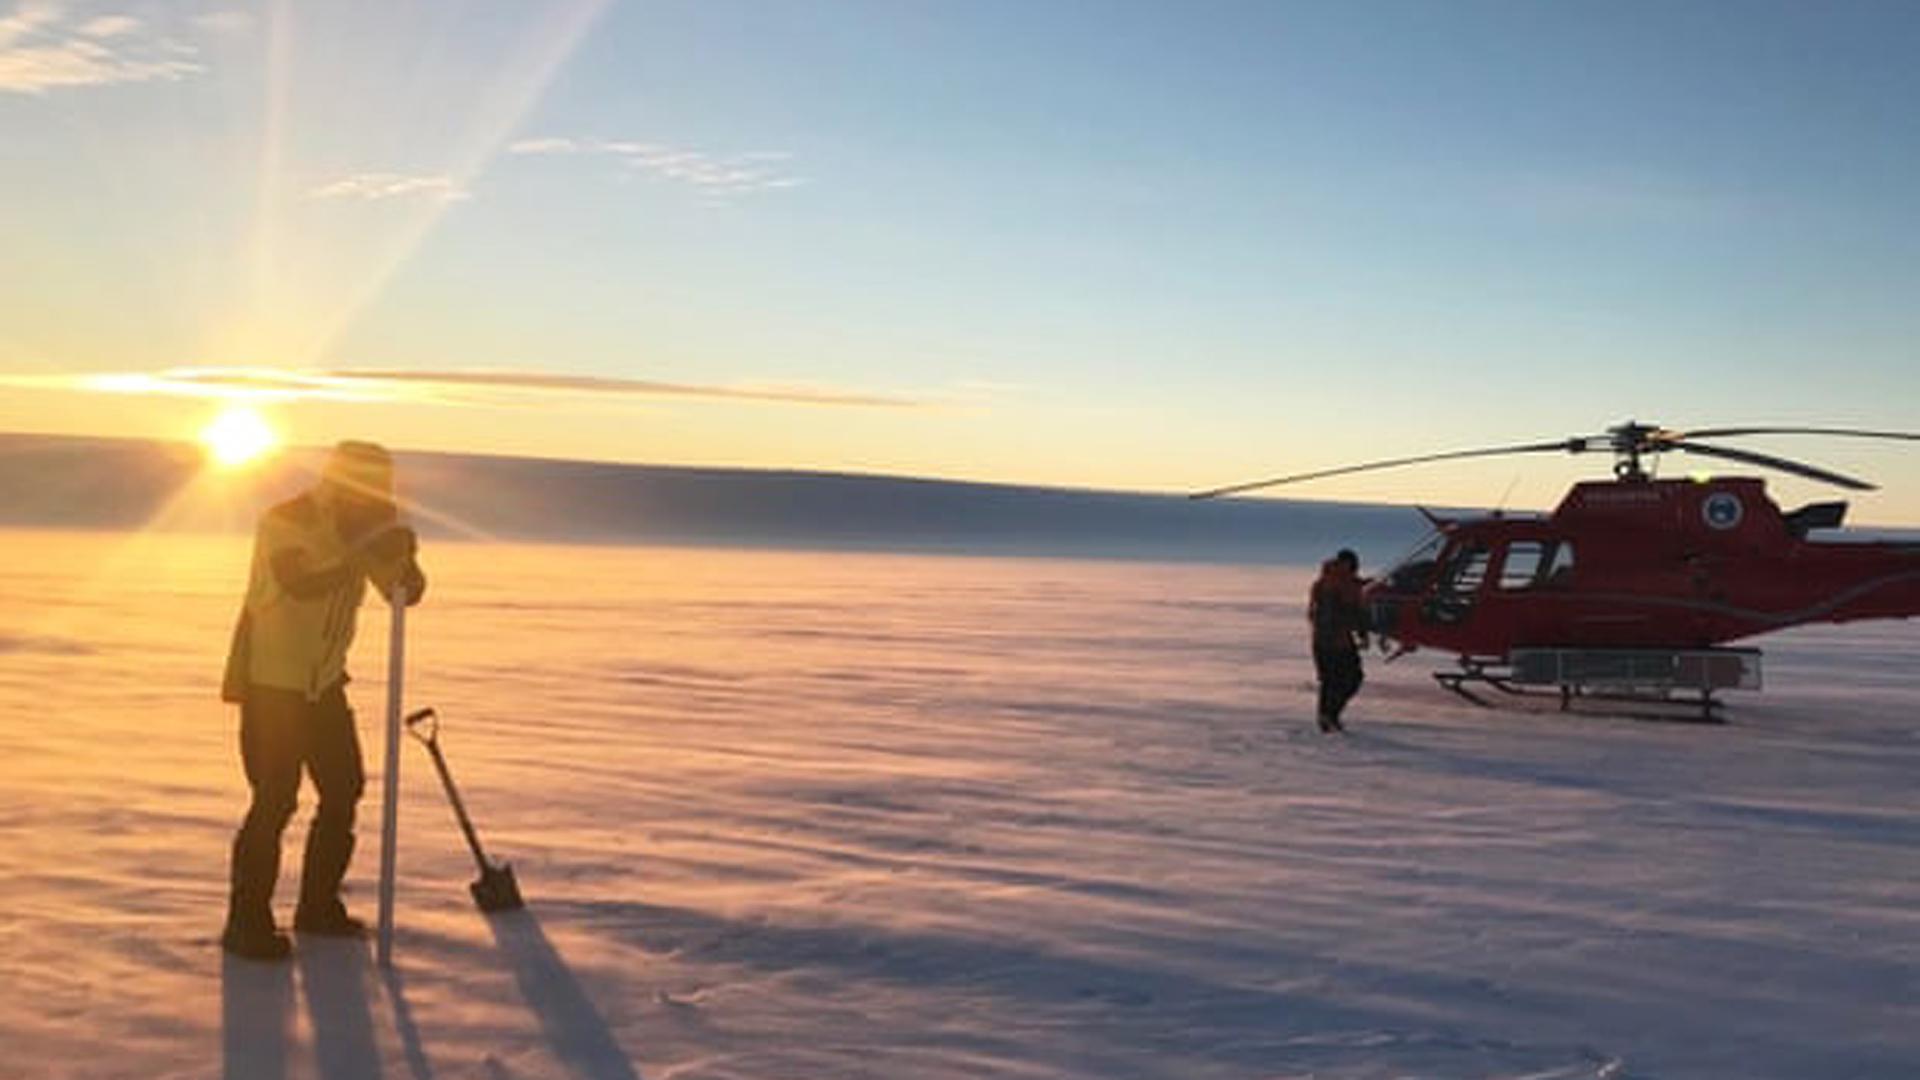 El glaciar Totten tiene 30 km de ancho y un grosor de hasta dos kilómetros, y tiene el potencial de elevar los niveles del mar en siete metros